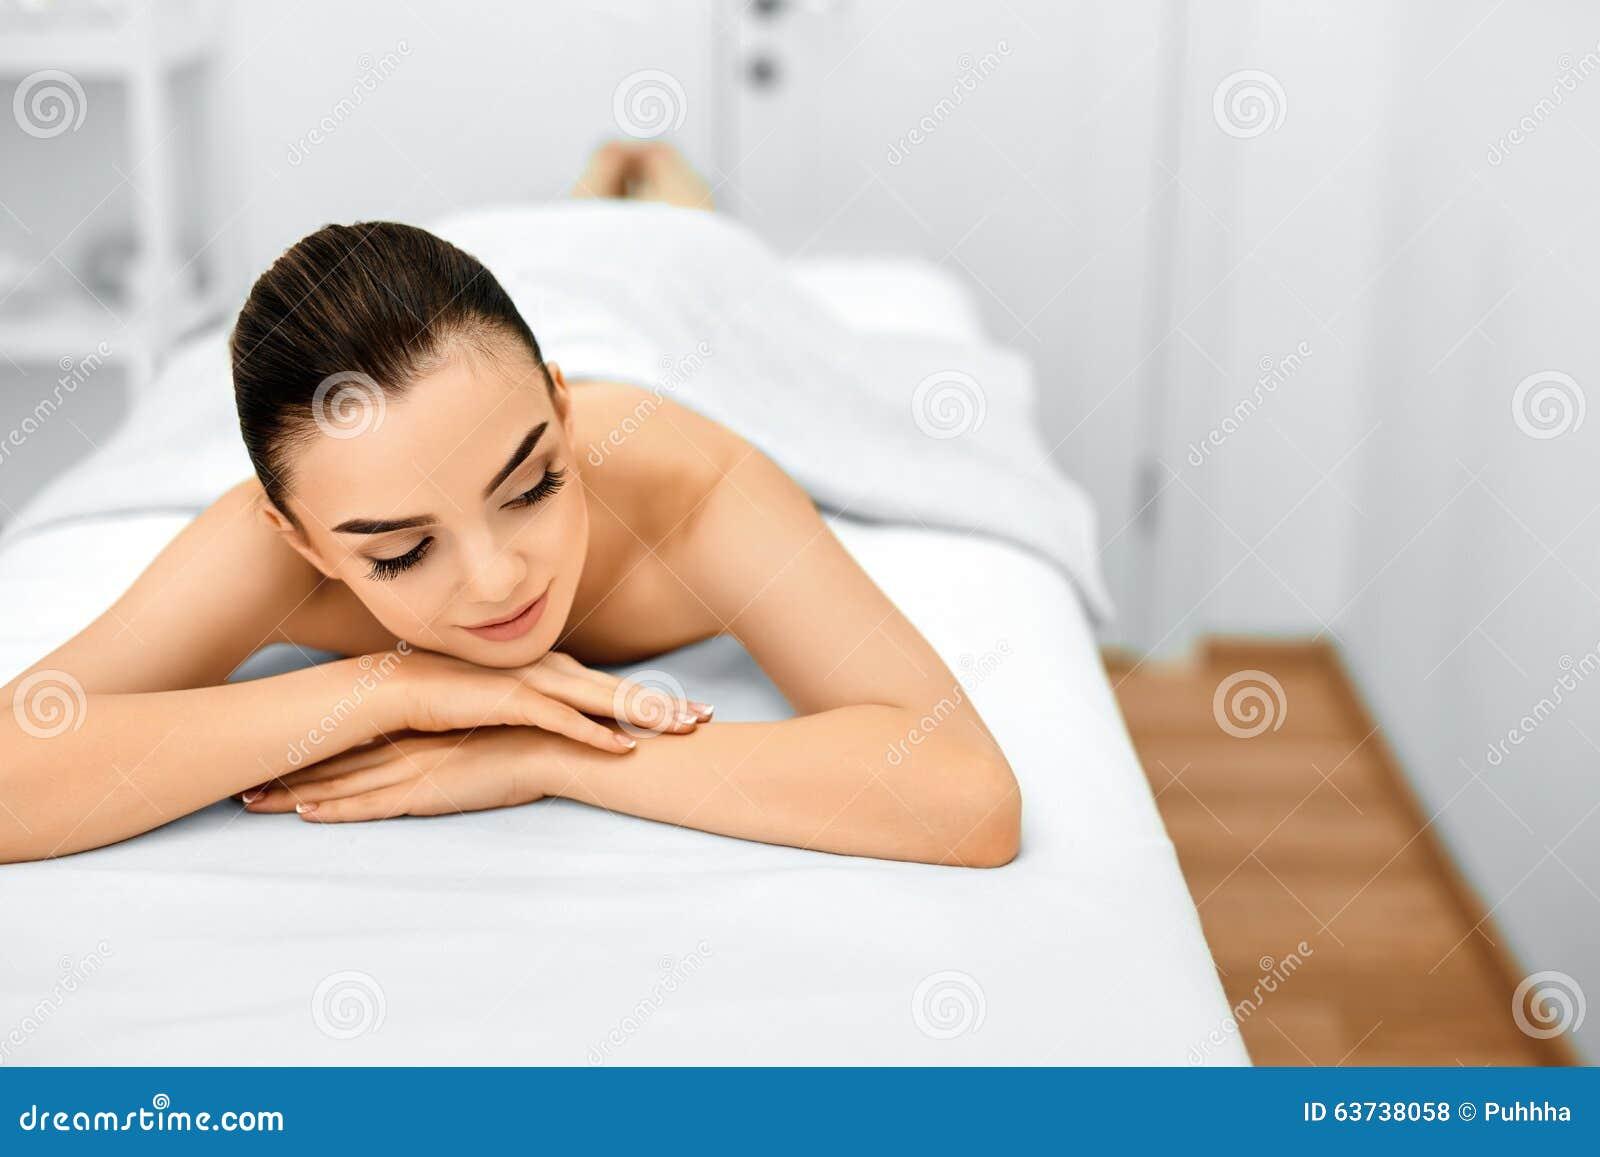 beauty spa massage fagersta